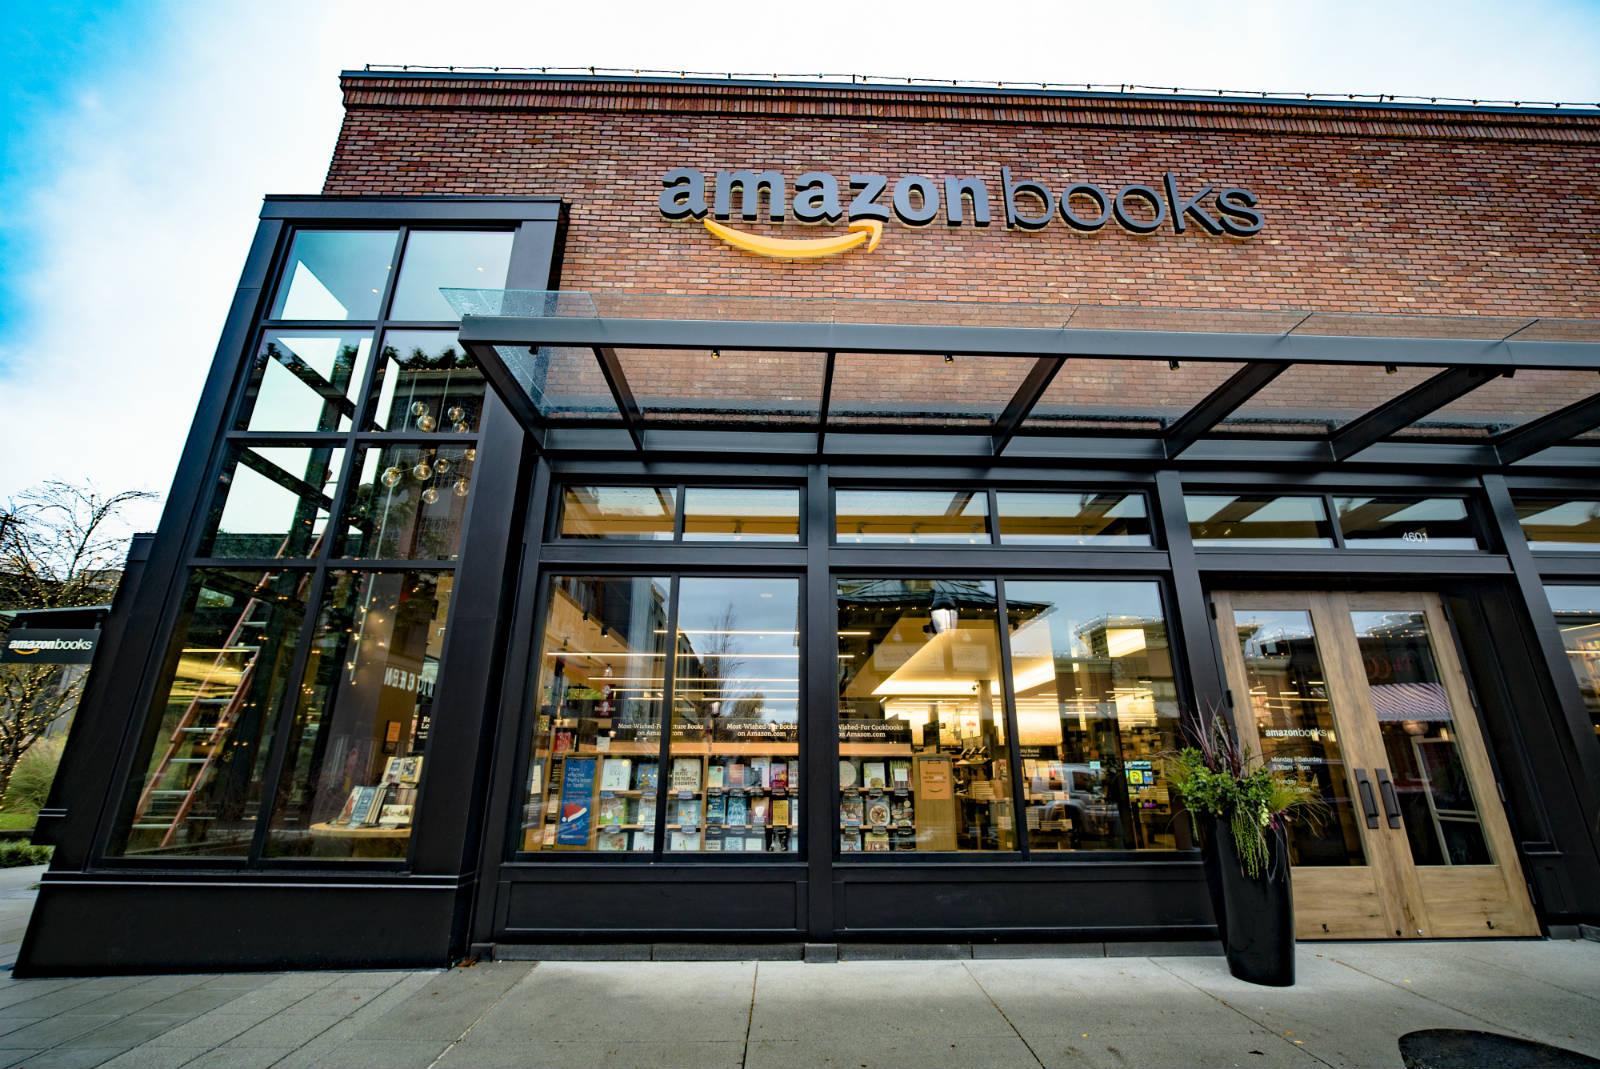 全球最大網上零售商亞馬遜(Amazon)開設實體書店,第一間位於美國西雅圖大學村(University Village)購物中心。